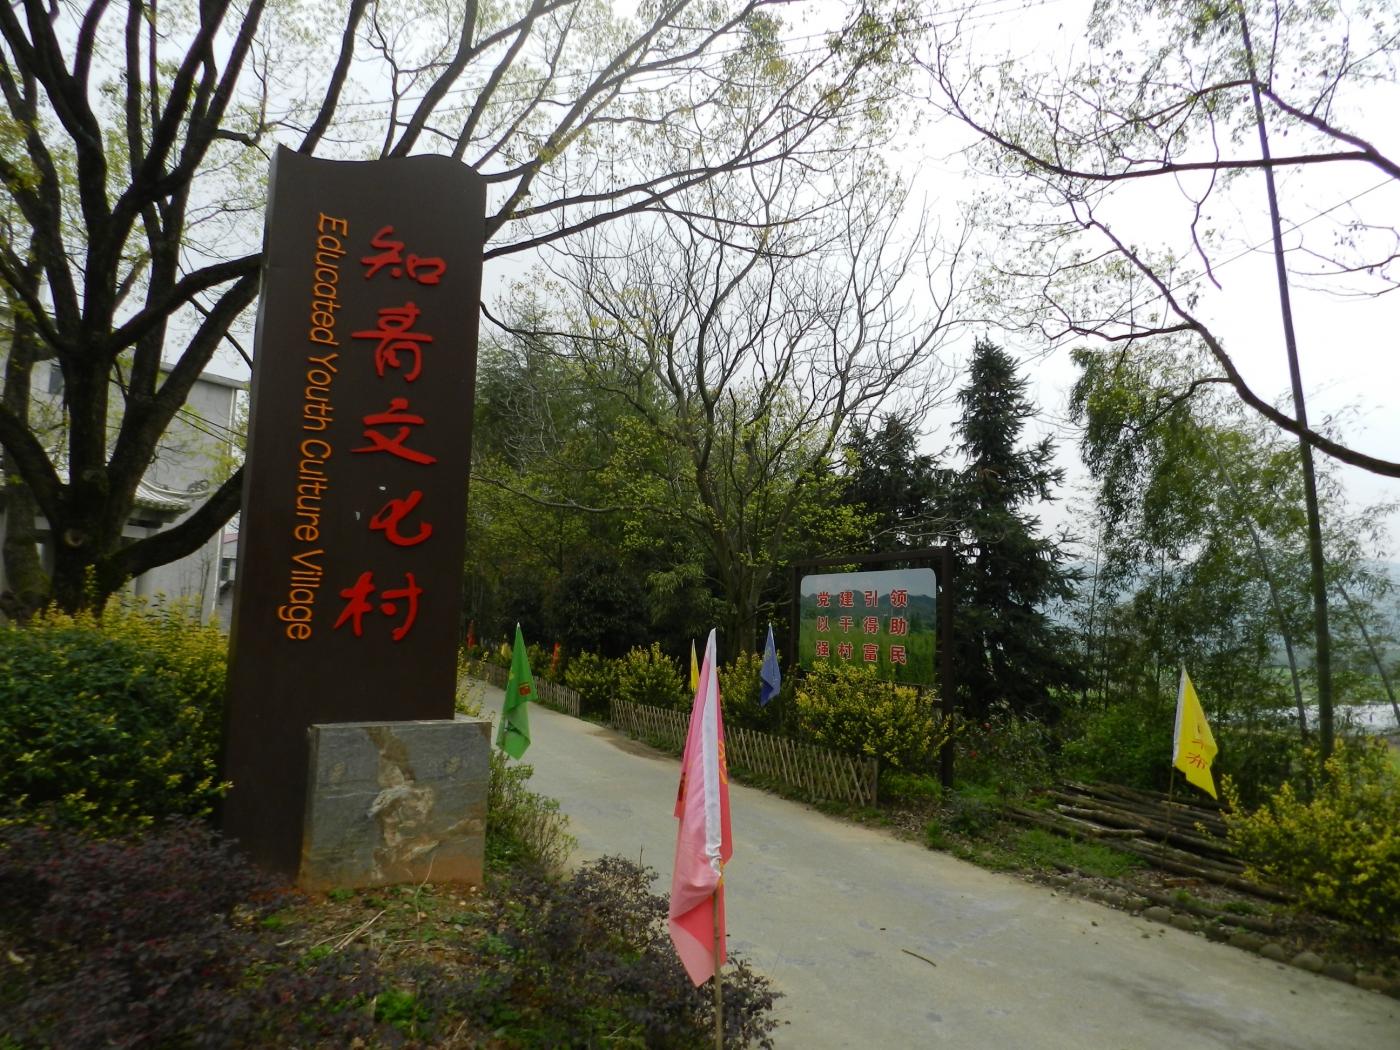 【汉良子】承载乡愁的地方---福建顺昌来布村(美丽乡村之二十五) ..._图1-5